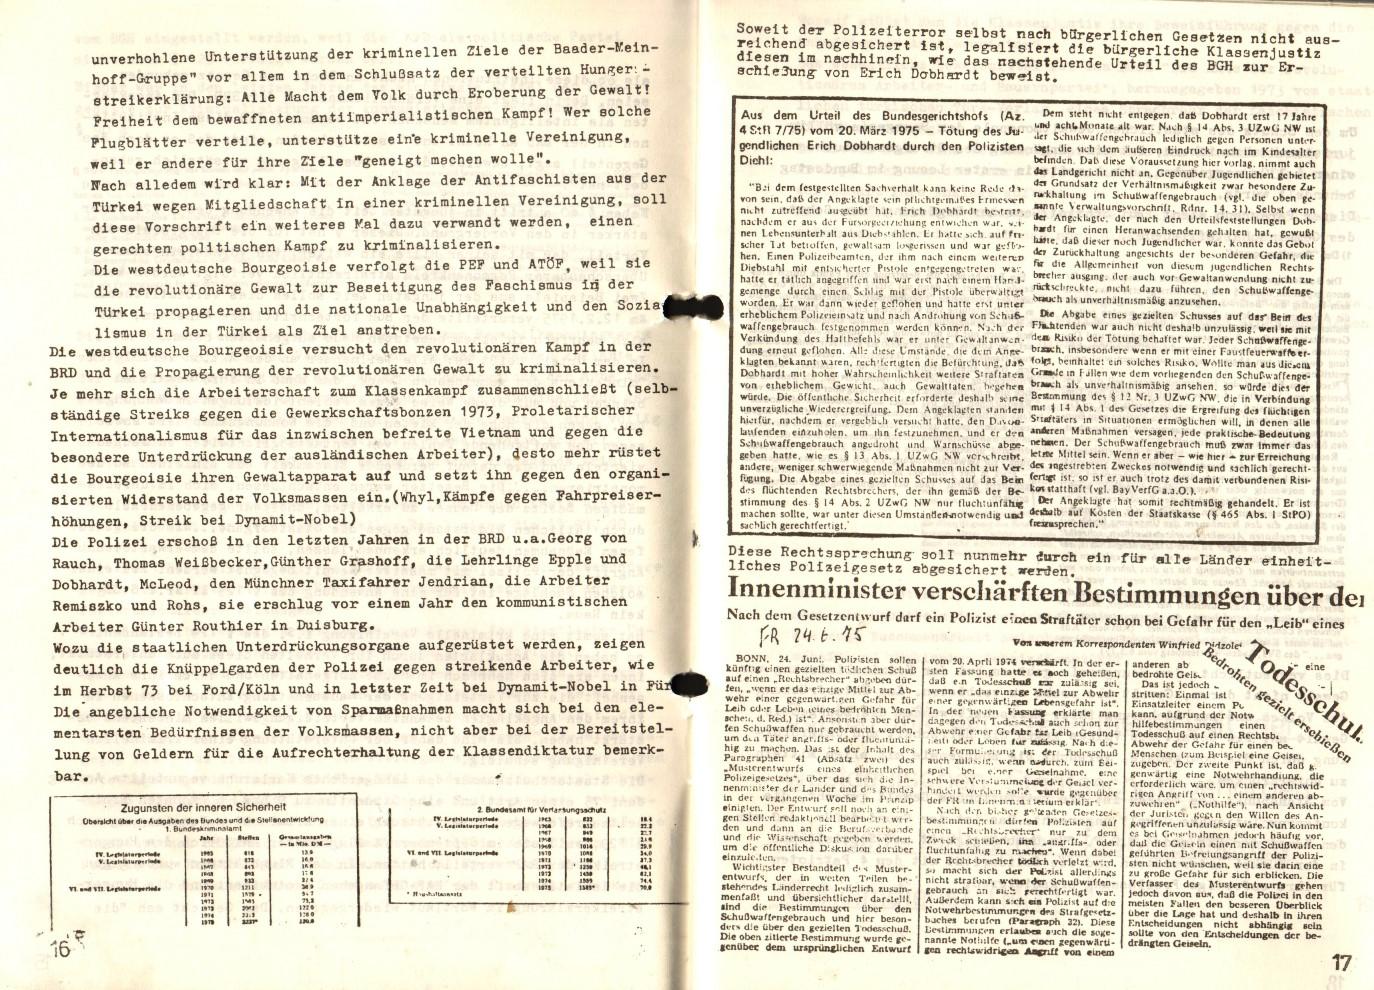 NRW_Rote_Hilfe_1975_Sofortige_Freilassung_der_tuerkischen_Patrioten_10